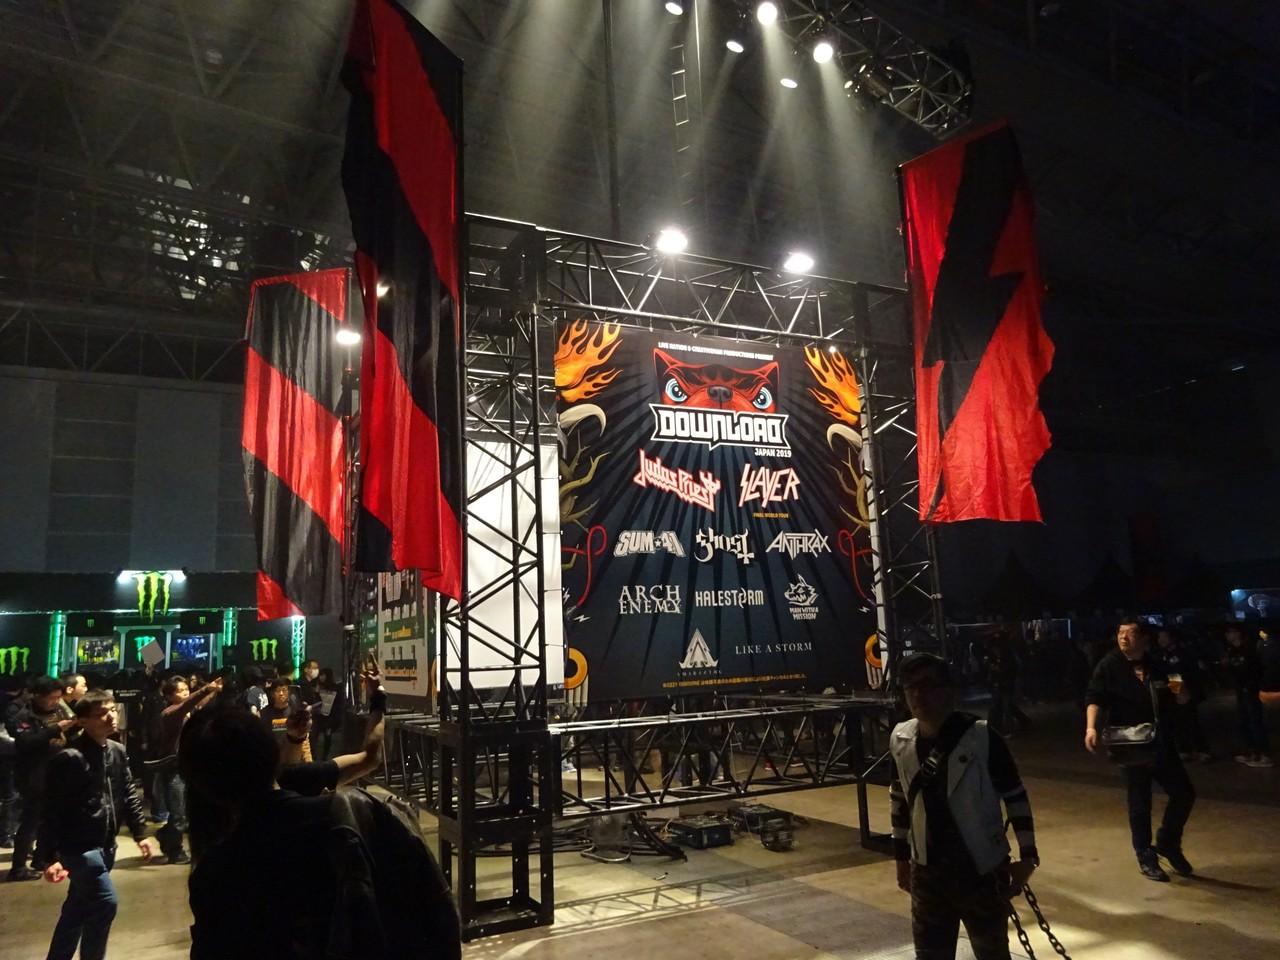 感想/日本初上陸を果たした「DOWNLOAD FESTIVAL JAPAN」に参戦